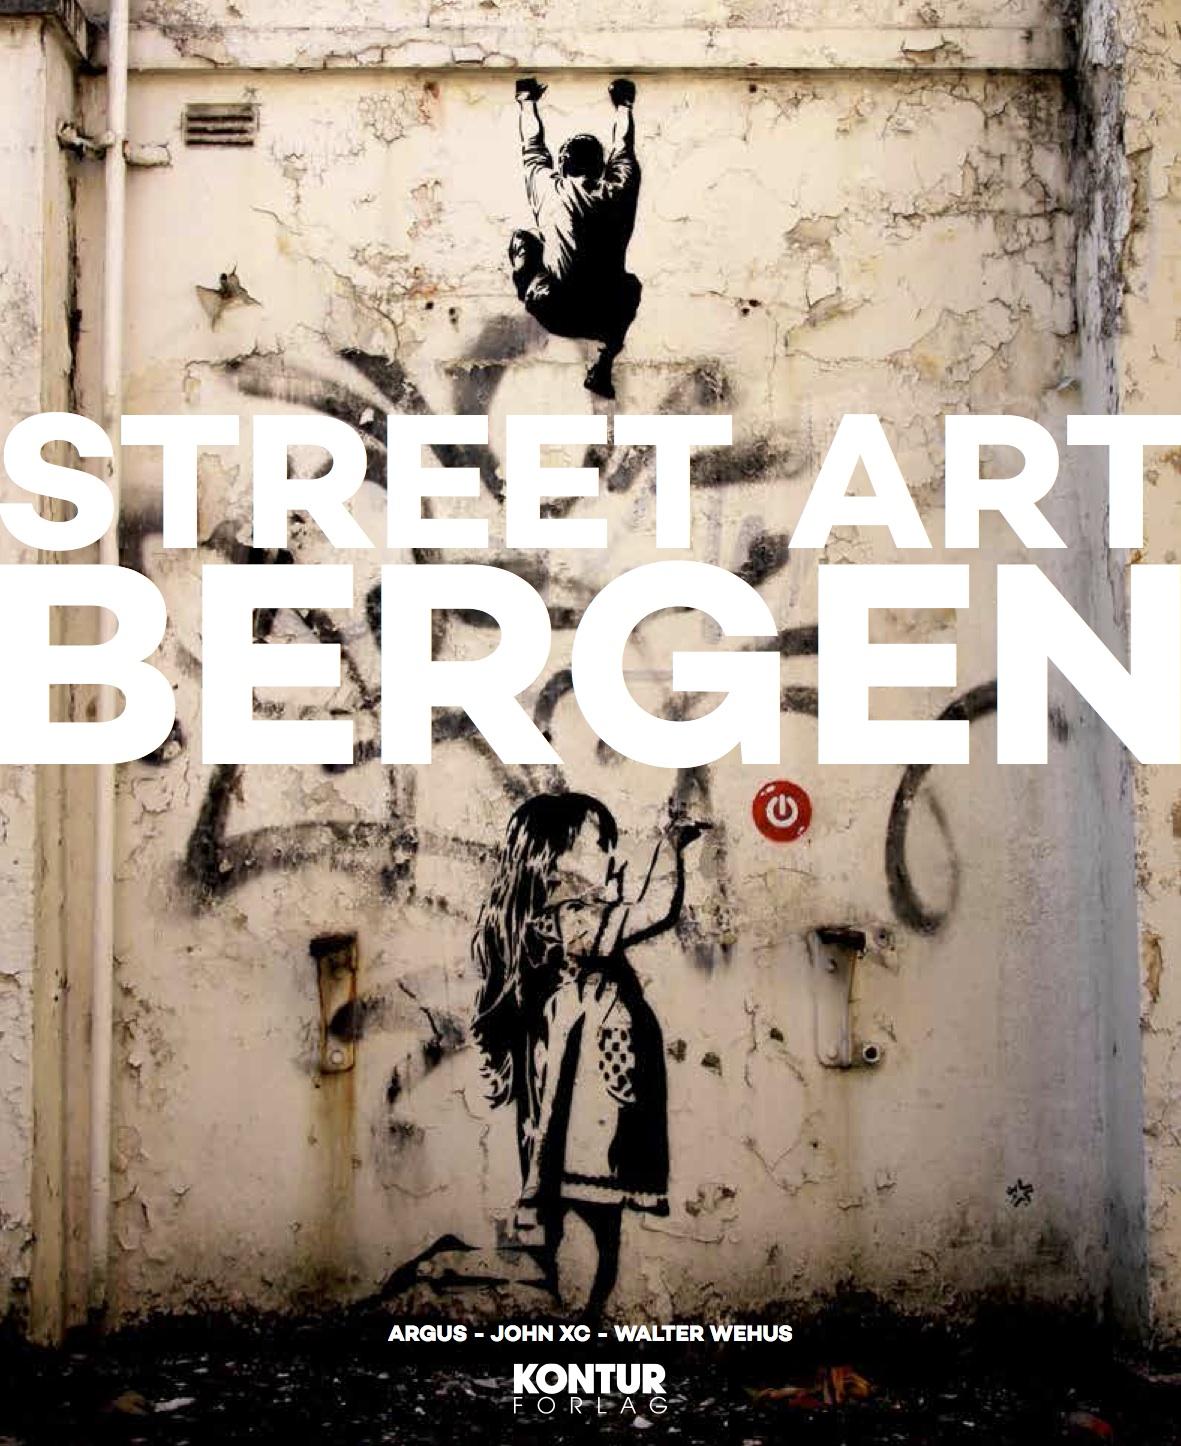 Boken Street Art Bergen ble sluppet 30. oktober 2014.